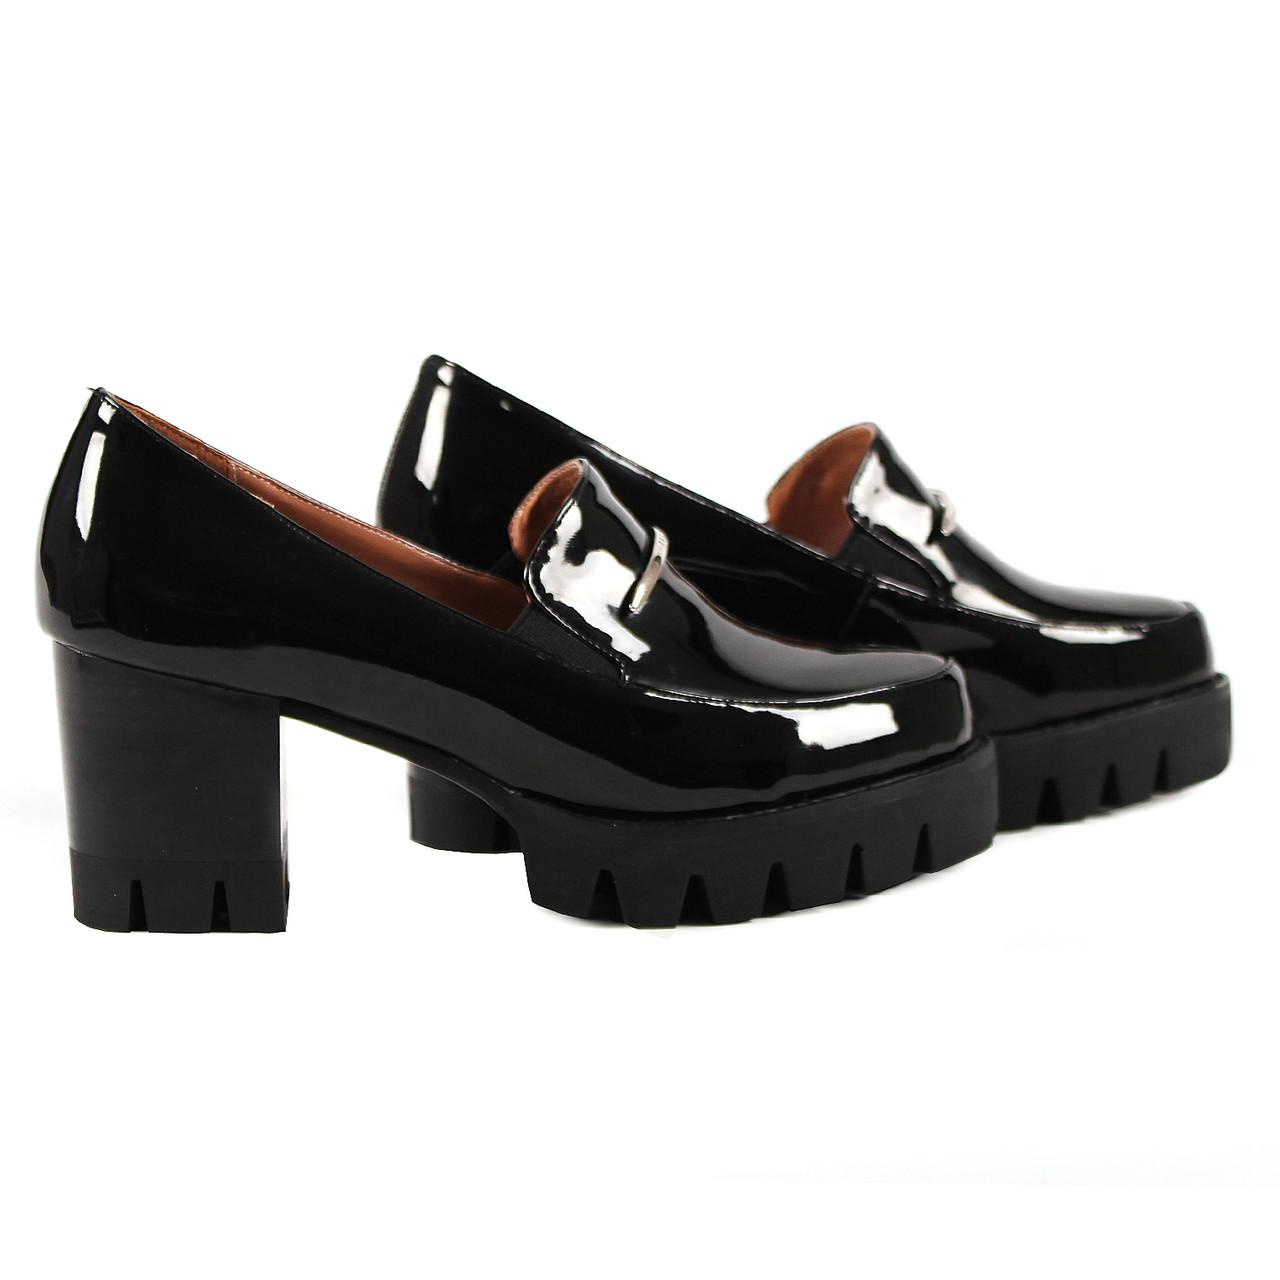 dc1d33e31d23 Модные женские туфли Gelsomino ( весенние, летние, осенние, на удобном  каблуке, на